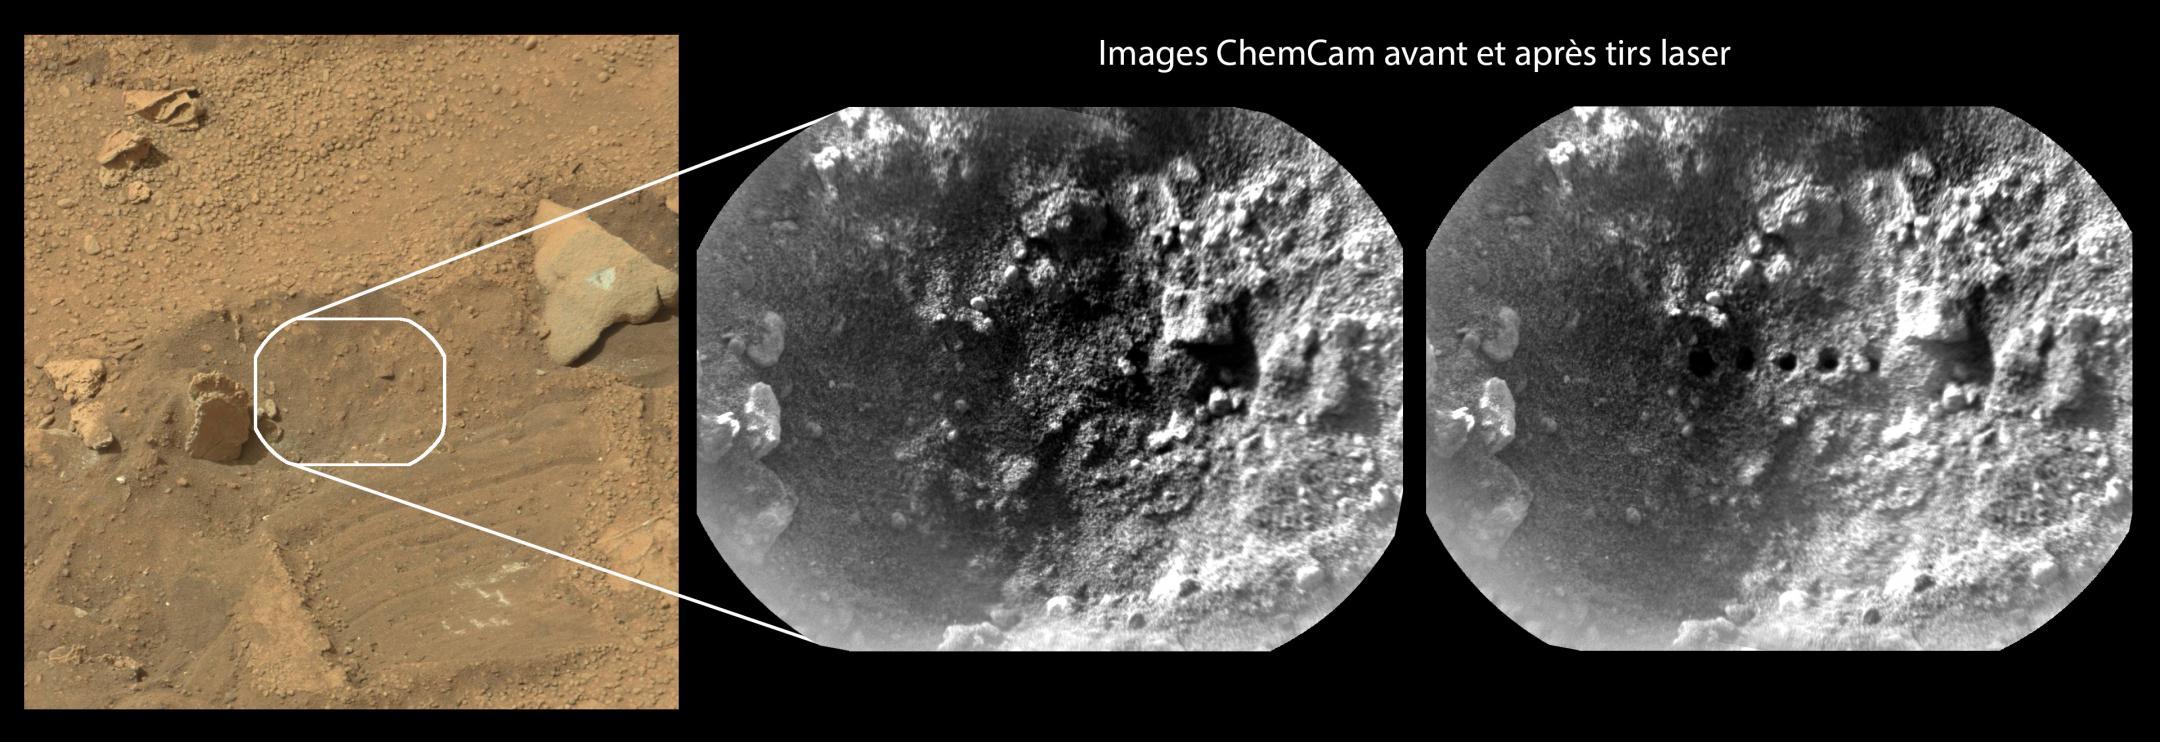 Images du sol martien prises avant et après les tirs laser de l'instrument ChemCam